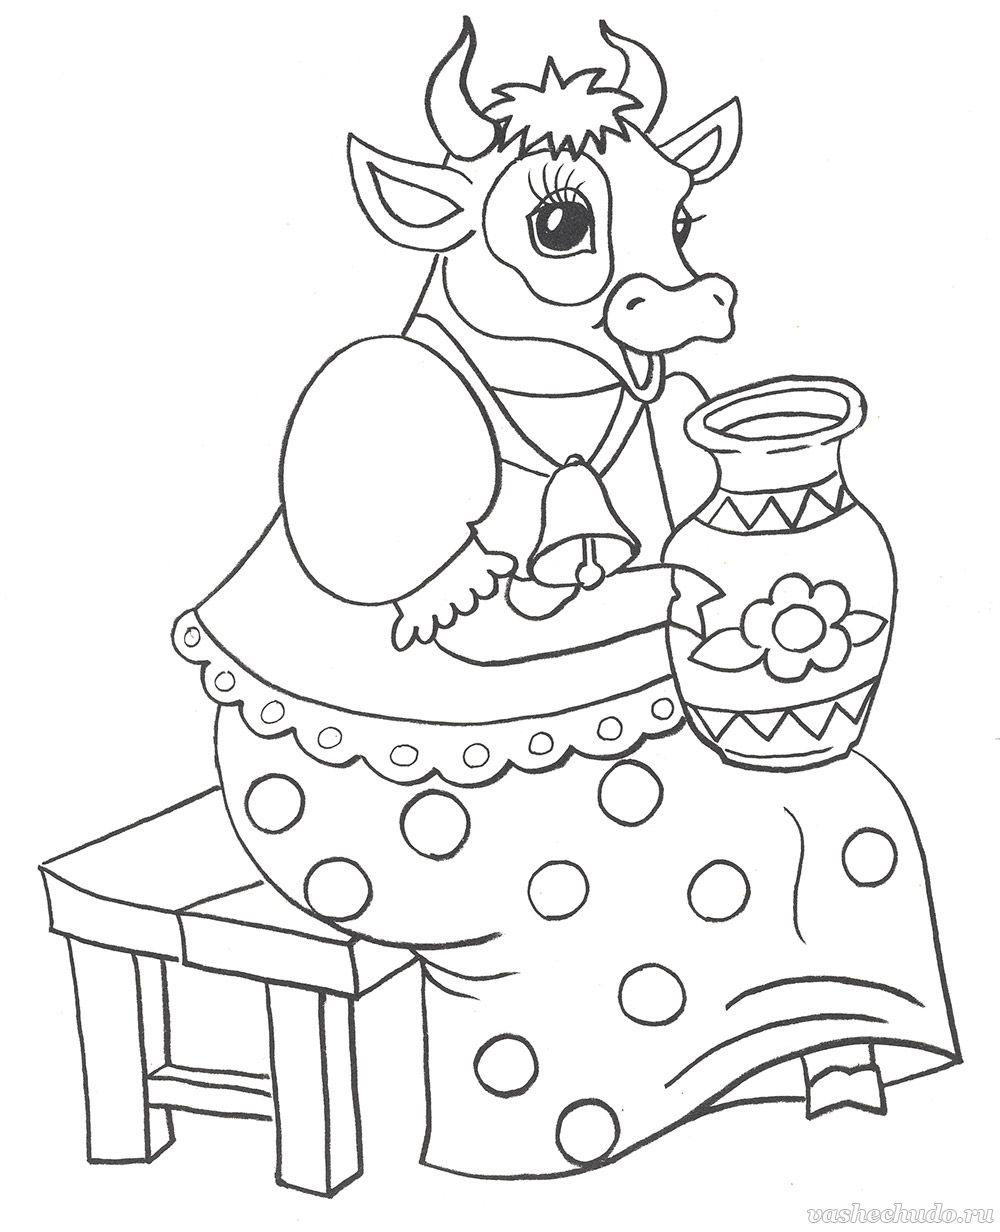 Раскраски продукты, Раскраска Молочные продукты Молоко. | 1232x1000